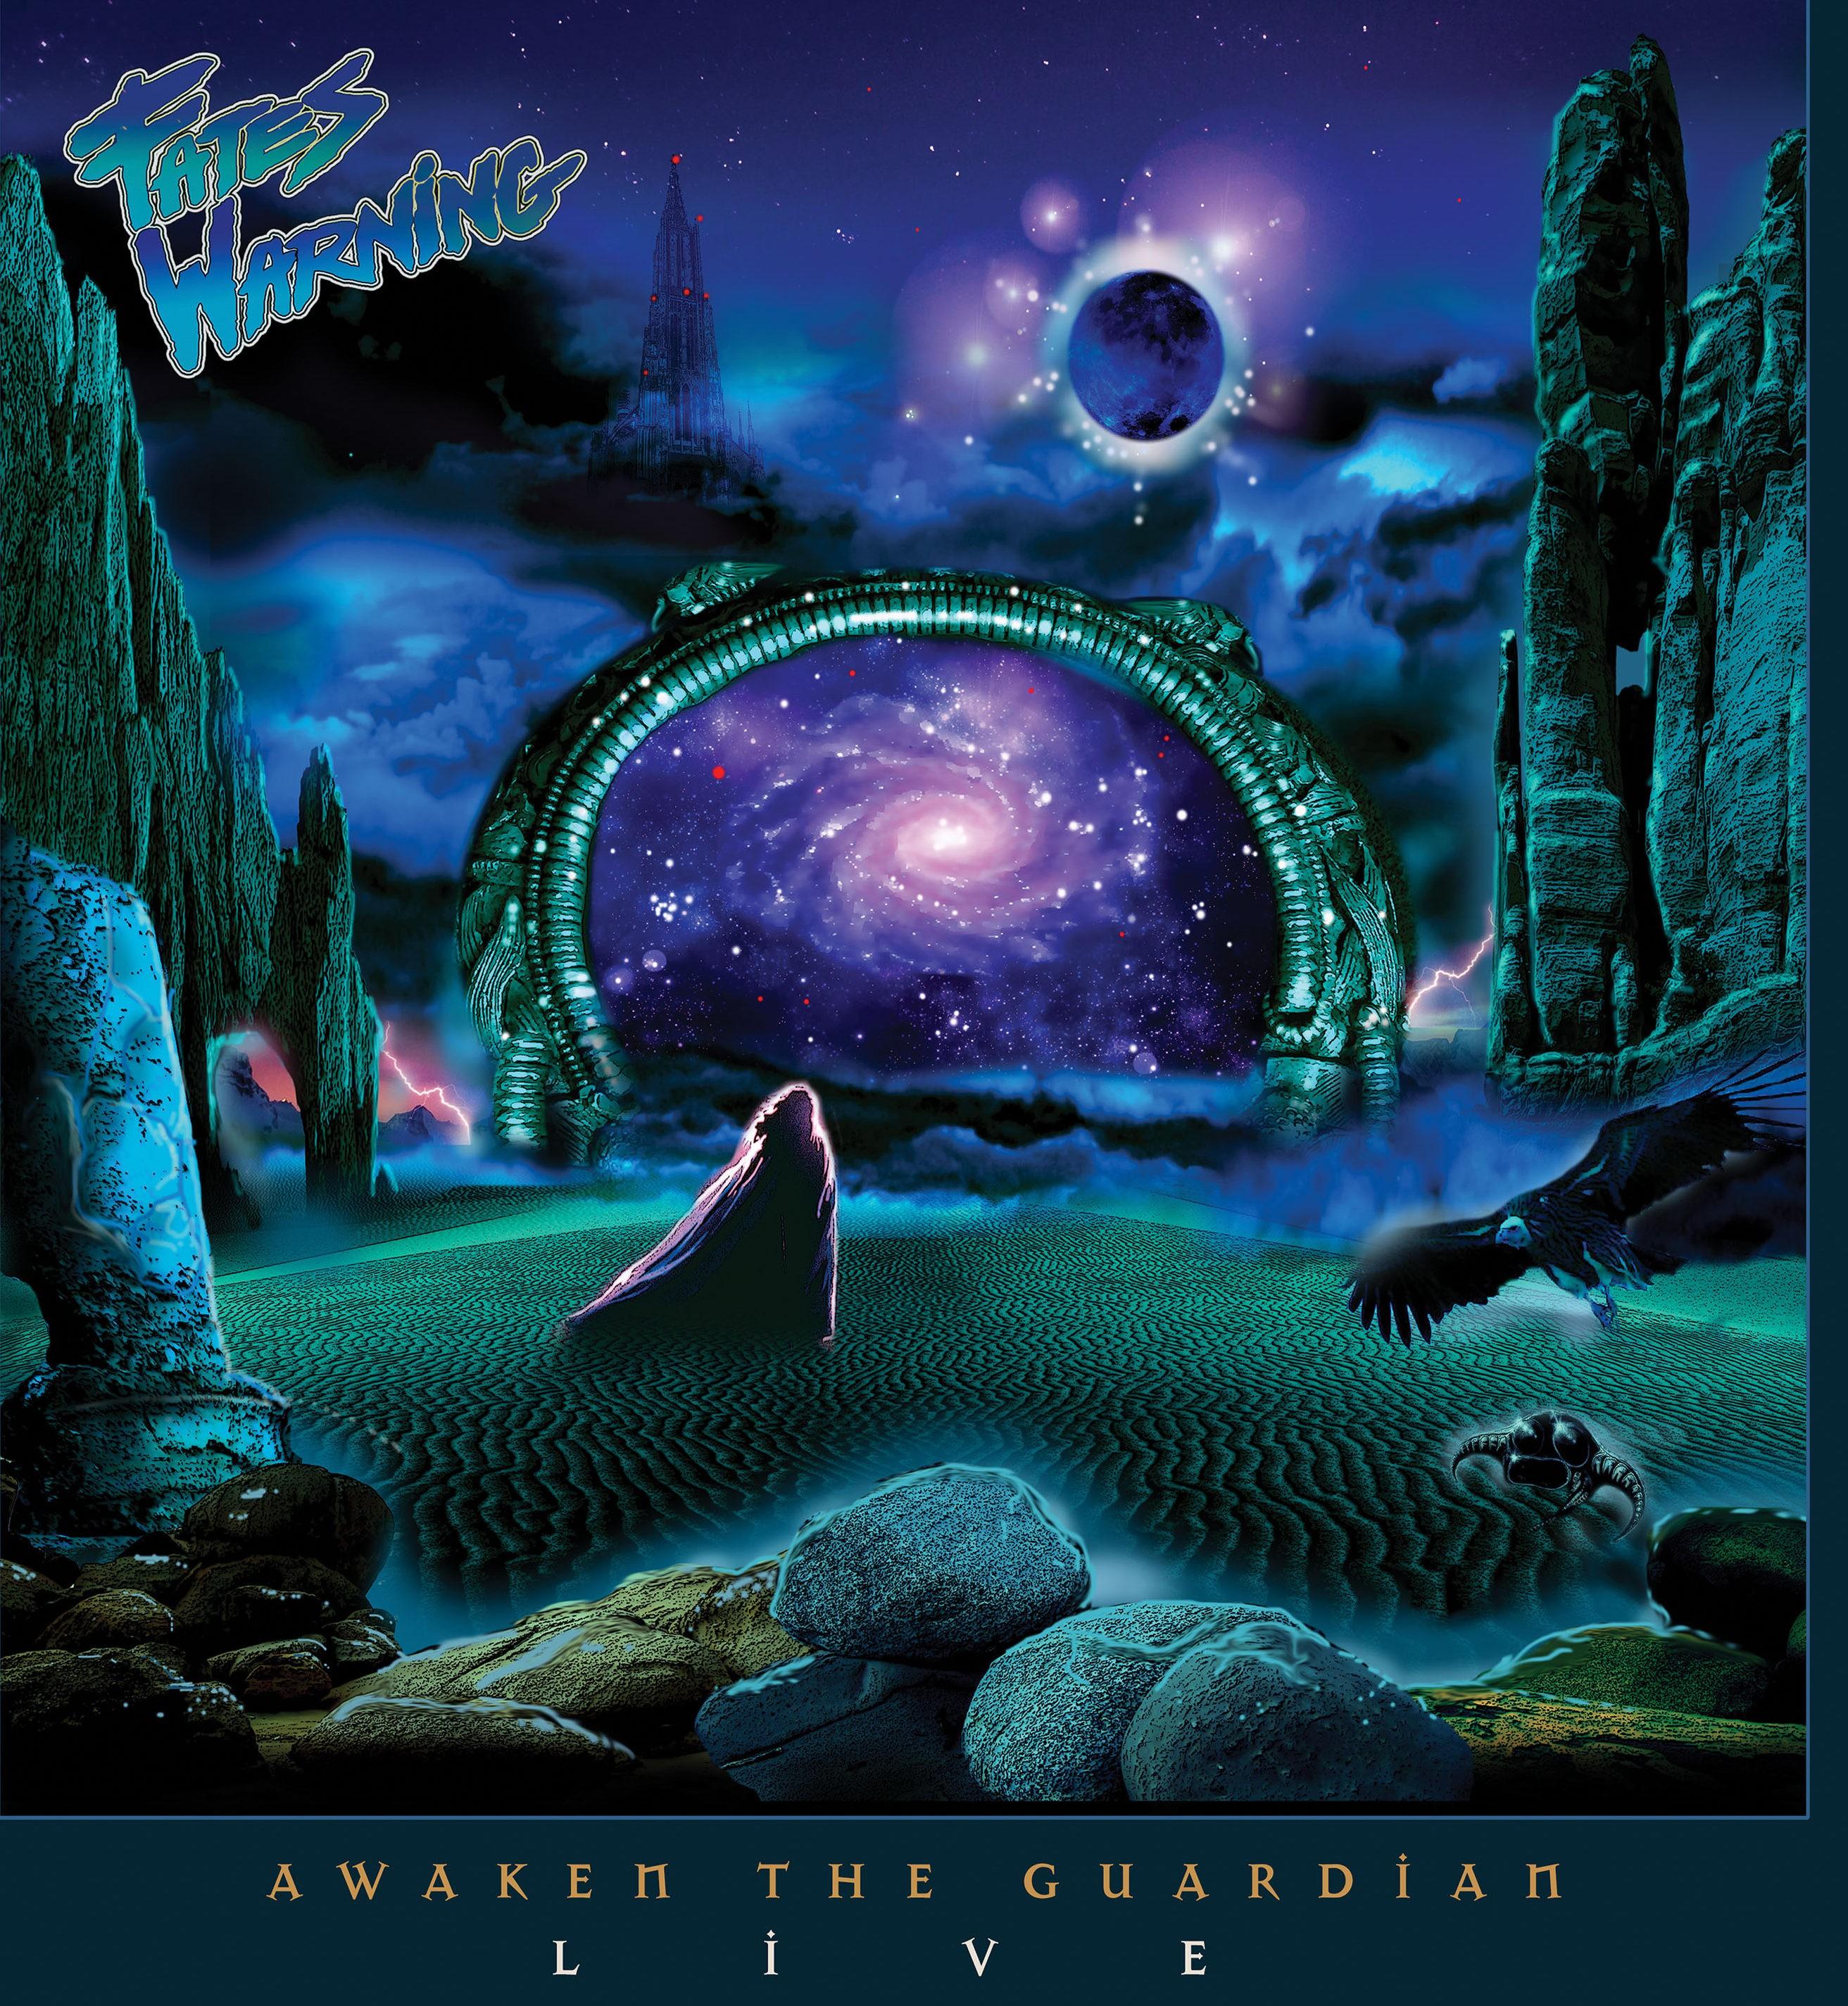 Fates Warning Awaken the Guardian Live Album Coming April 28